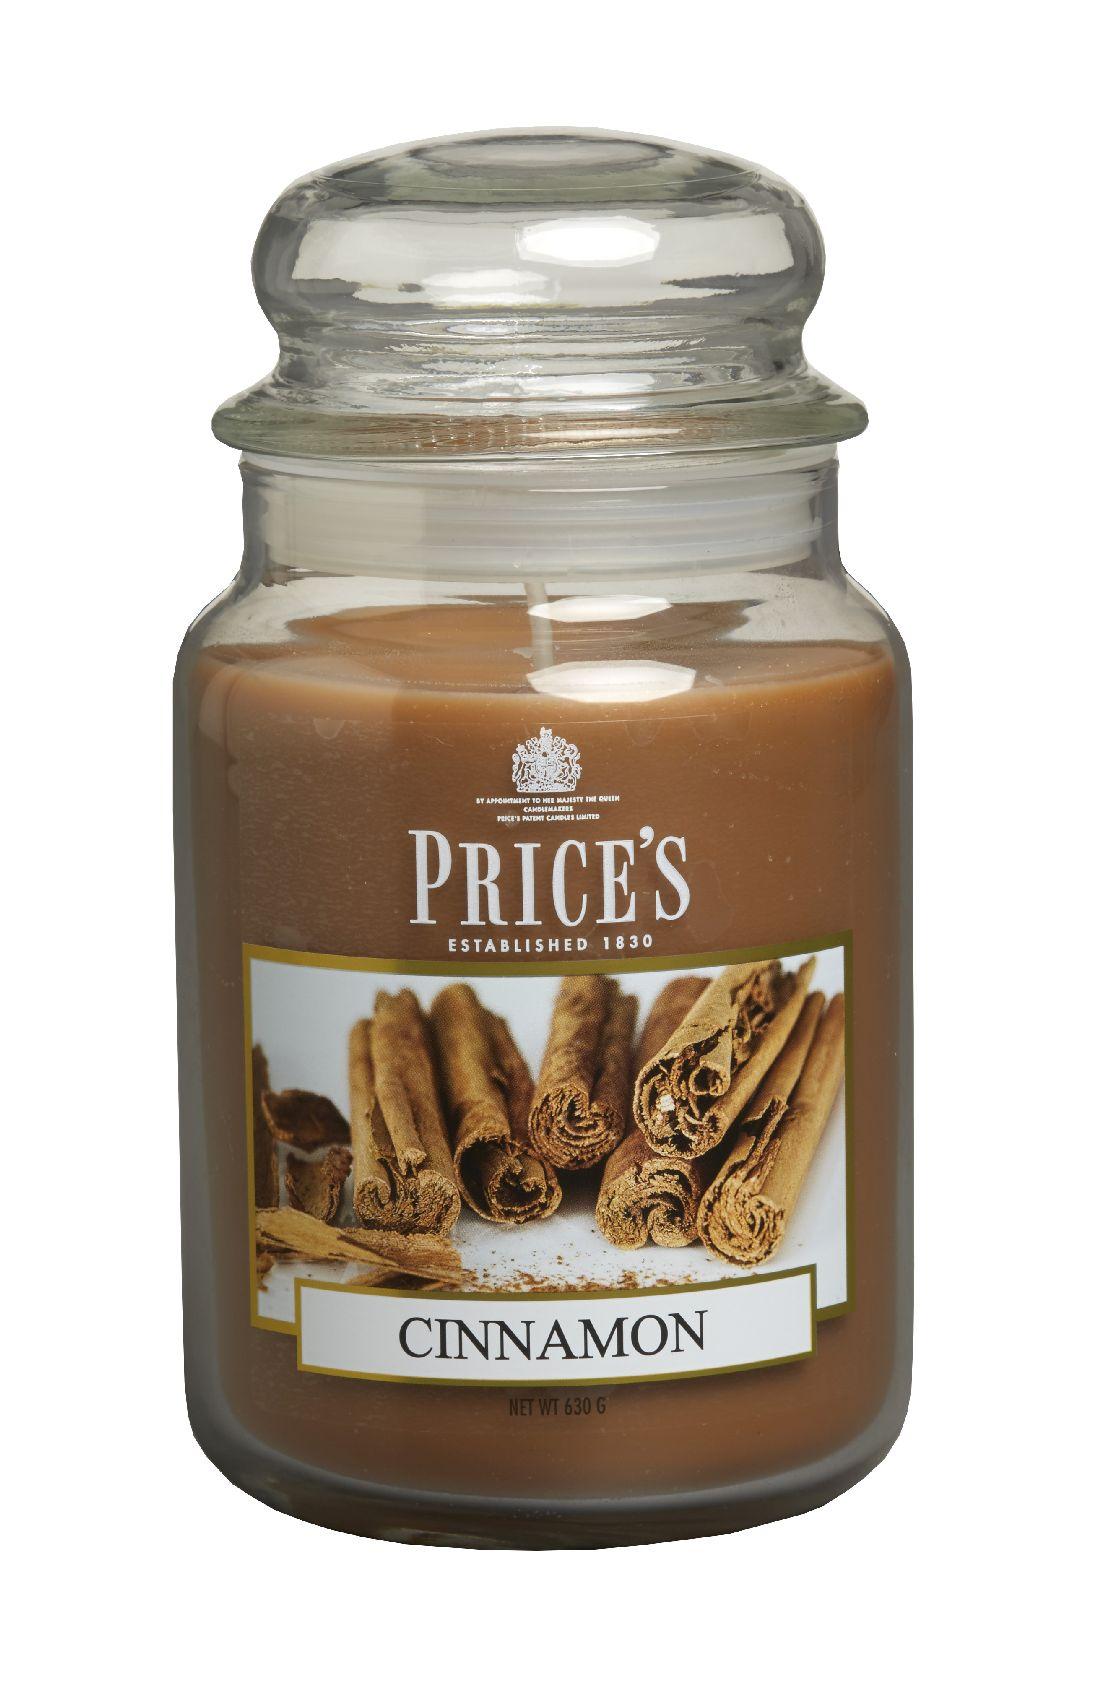 Duftkerze Price´s Candles CINNAMON im Glas Brenndauer: 110-150 h